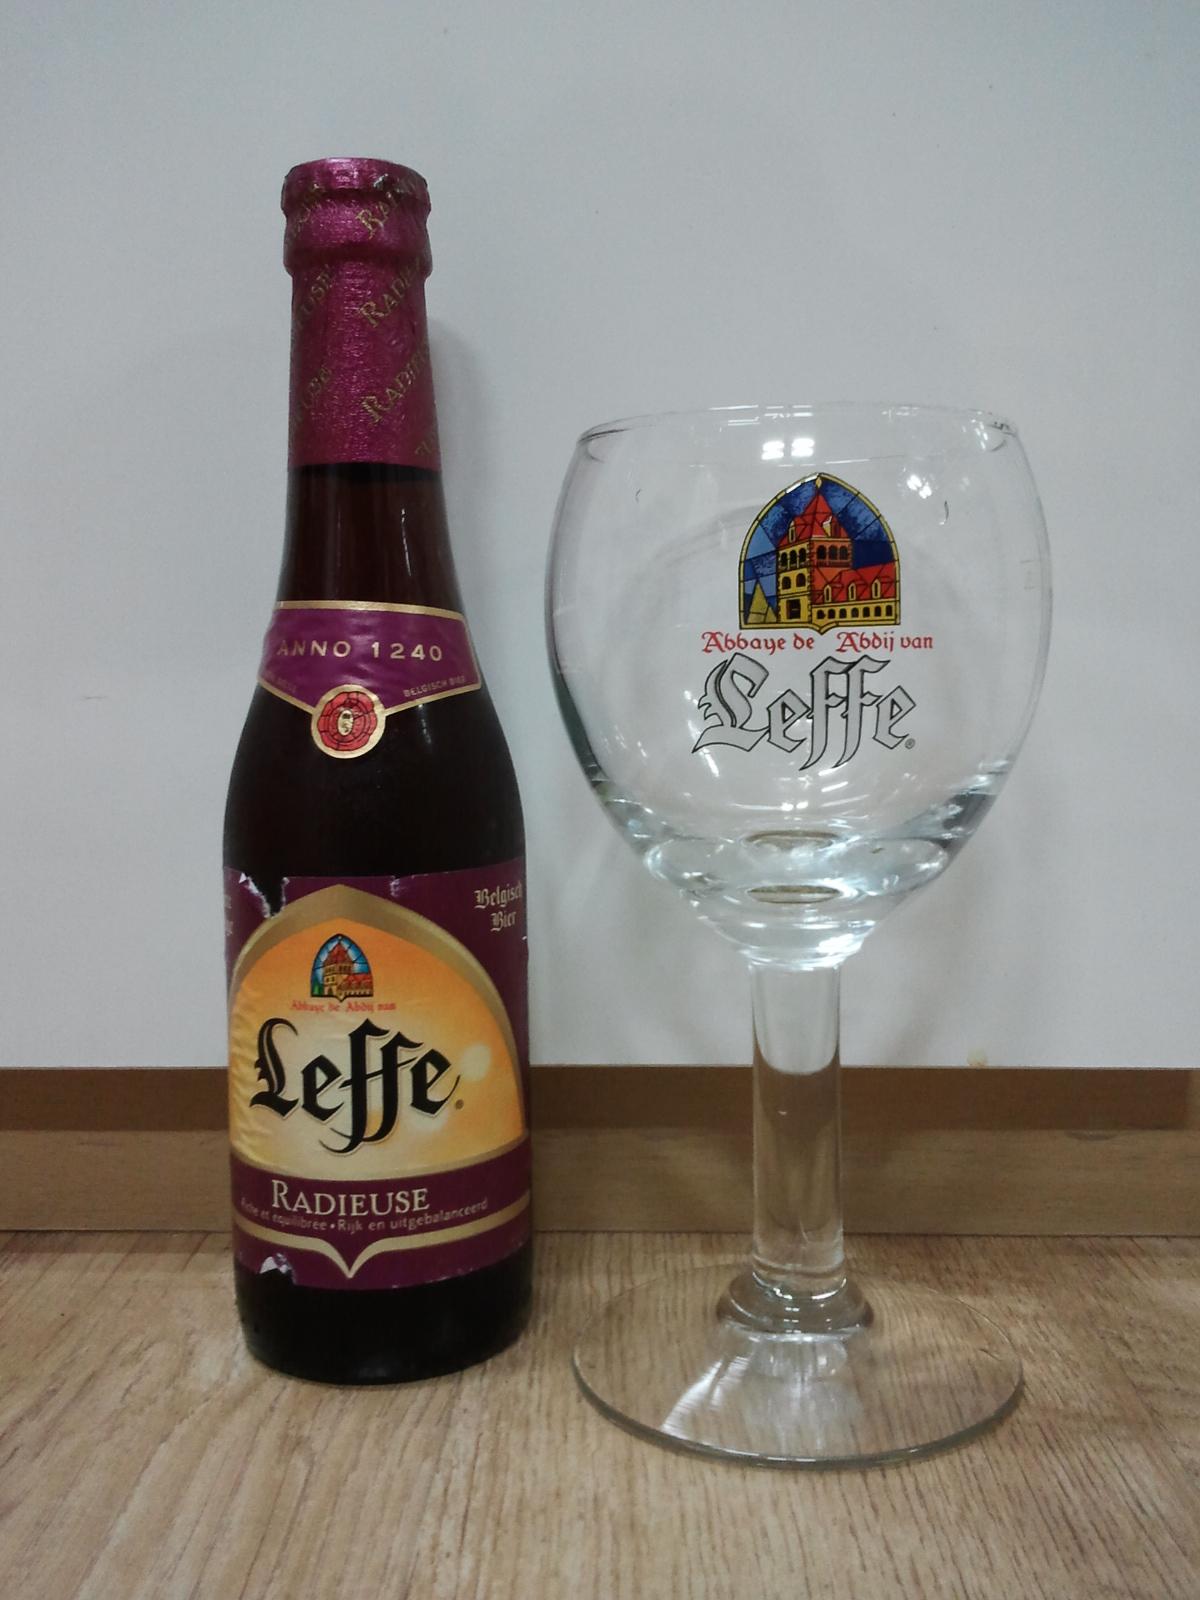 [벨기에]Leffe Radieus(레페 라디에우스) 인..